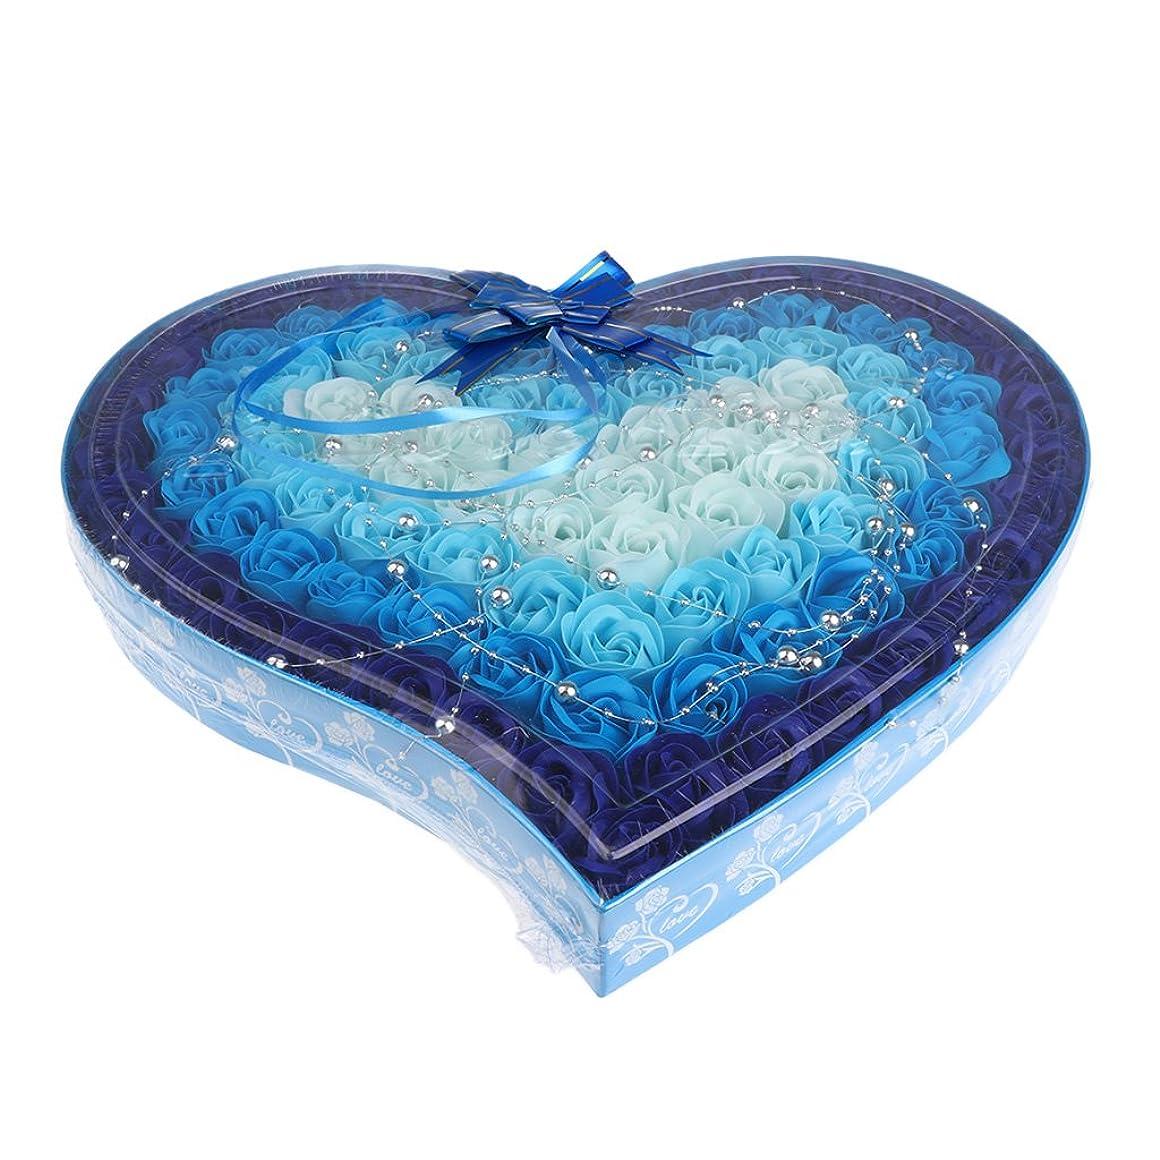 規制テレビ請願者Kesoto 石鹸の花 造花 ソープフラワー 心の形 ギフトボックス  母の日   バレンタイン プレゼント 全4色選べる - 青